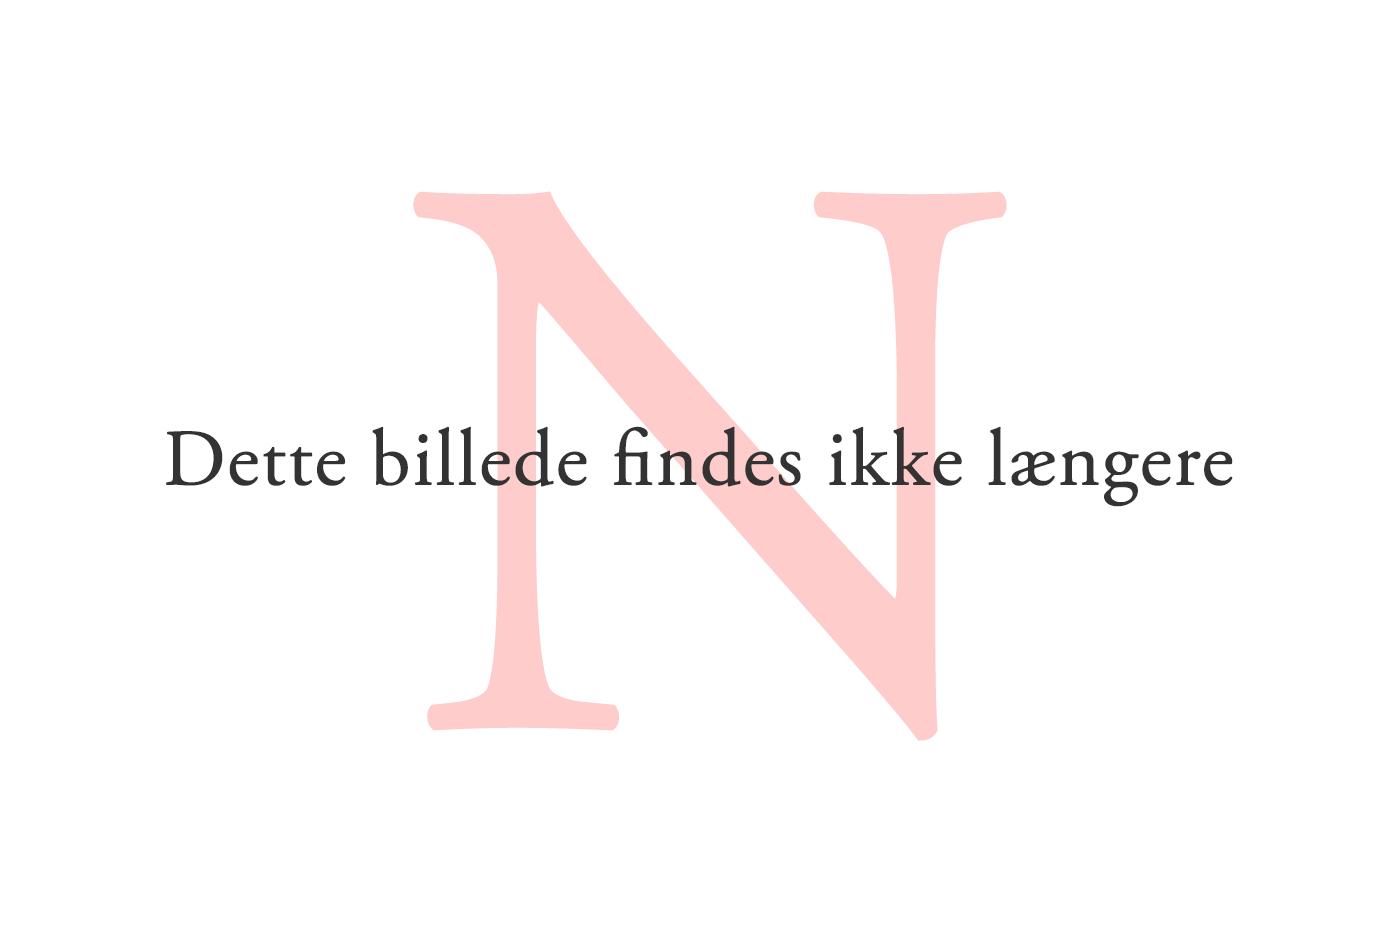 Kvinde stjal fem barnevogne i københavnsområdet. Foto: morguefile.com